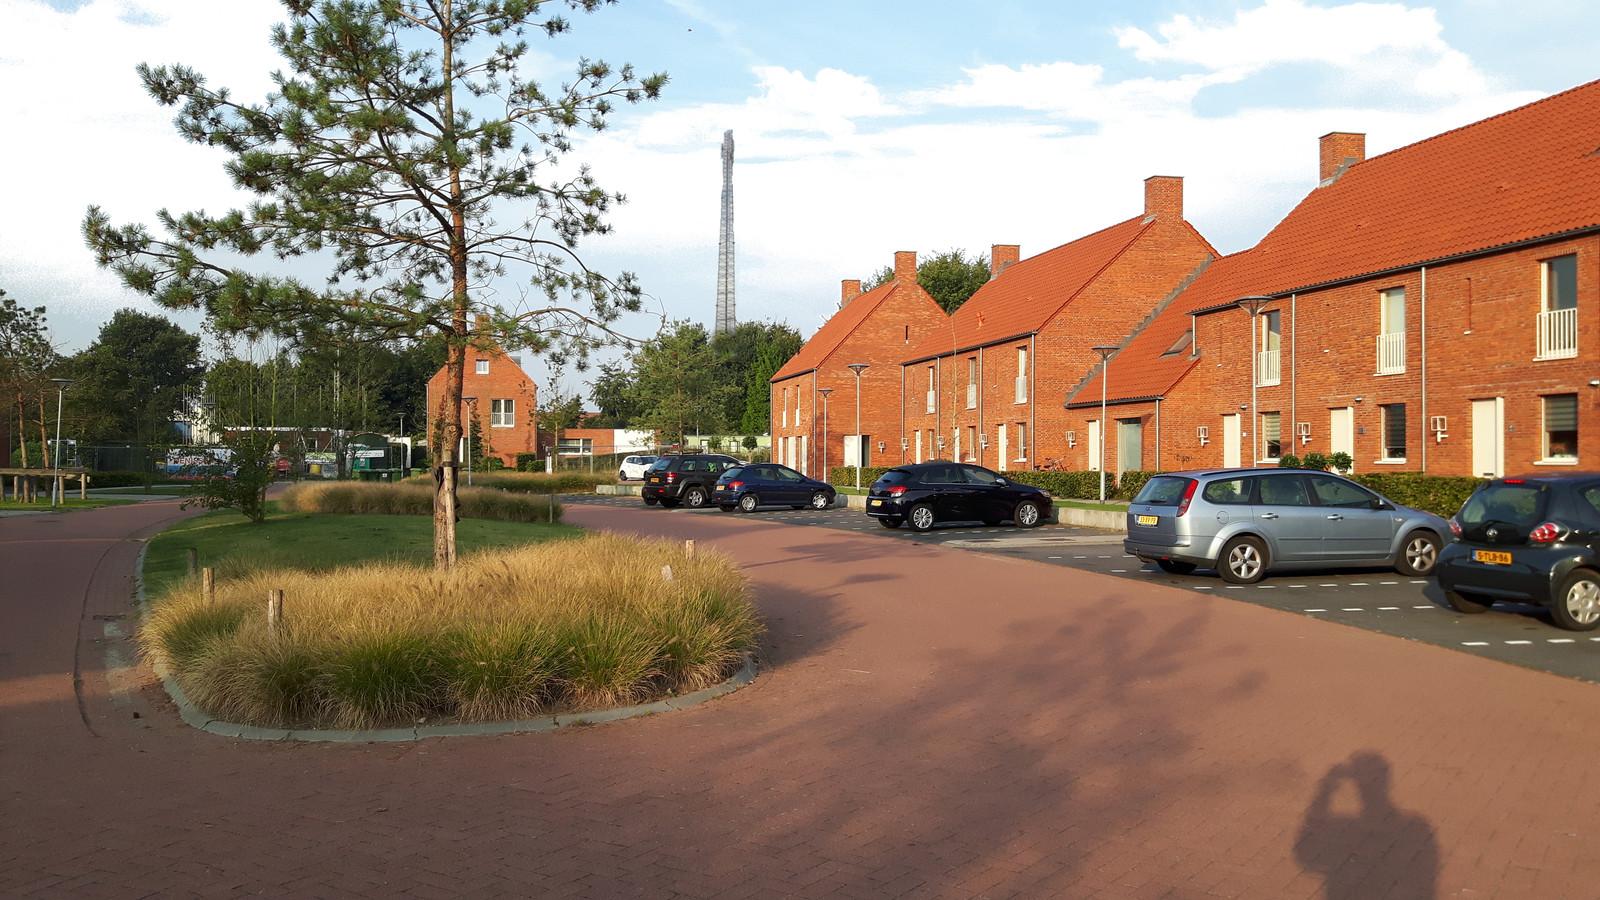 De nog te bouwen antenne midden gezien vanuit de straat Veertels. Trucagefoto actiegroep Antenne bij de Veertels in Riel.2